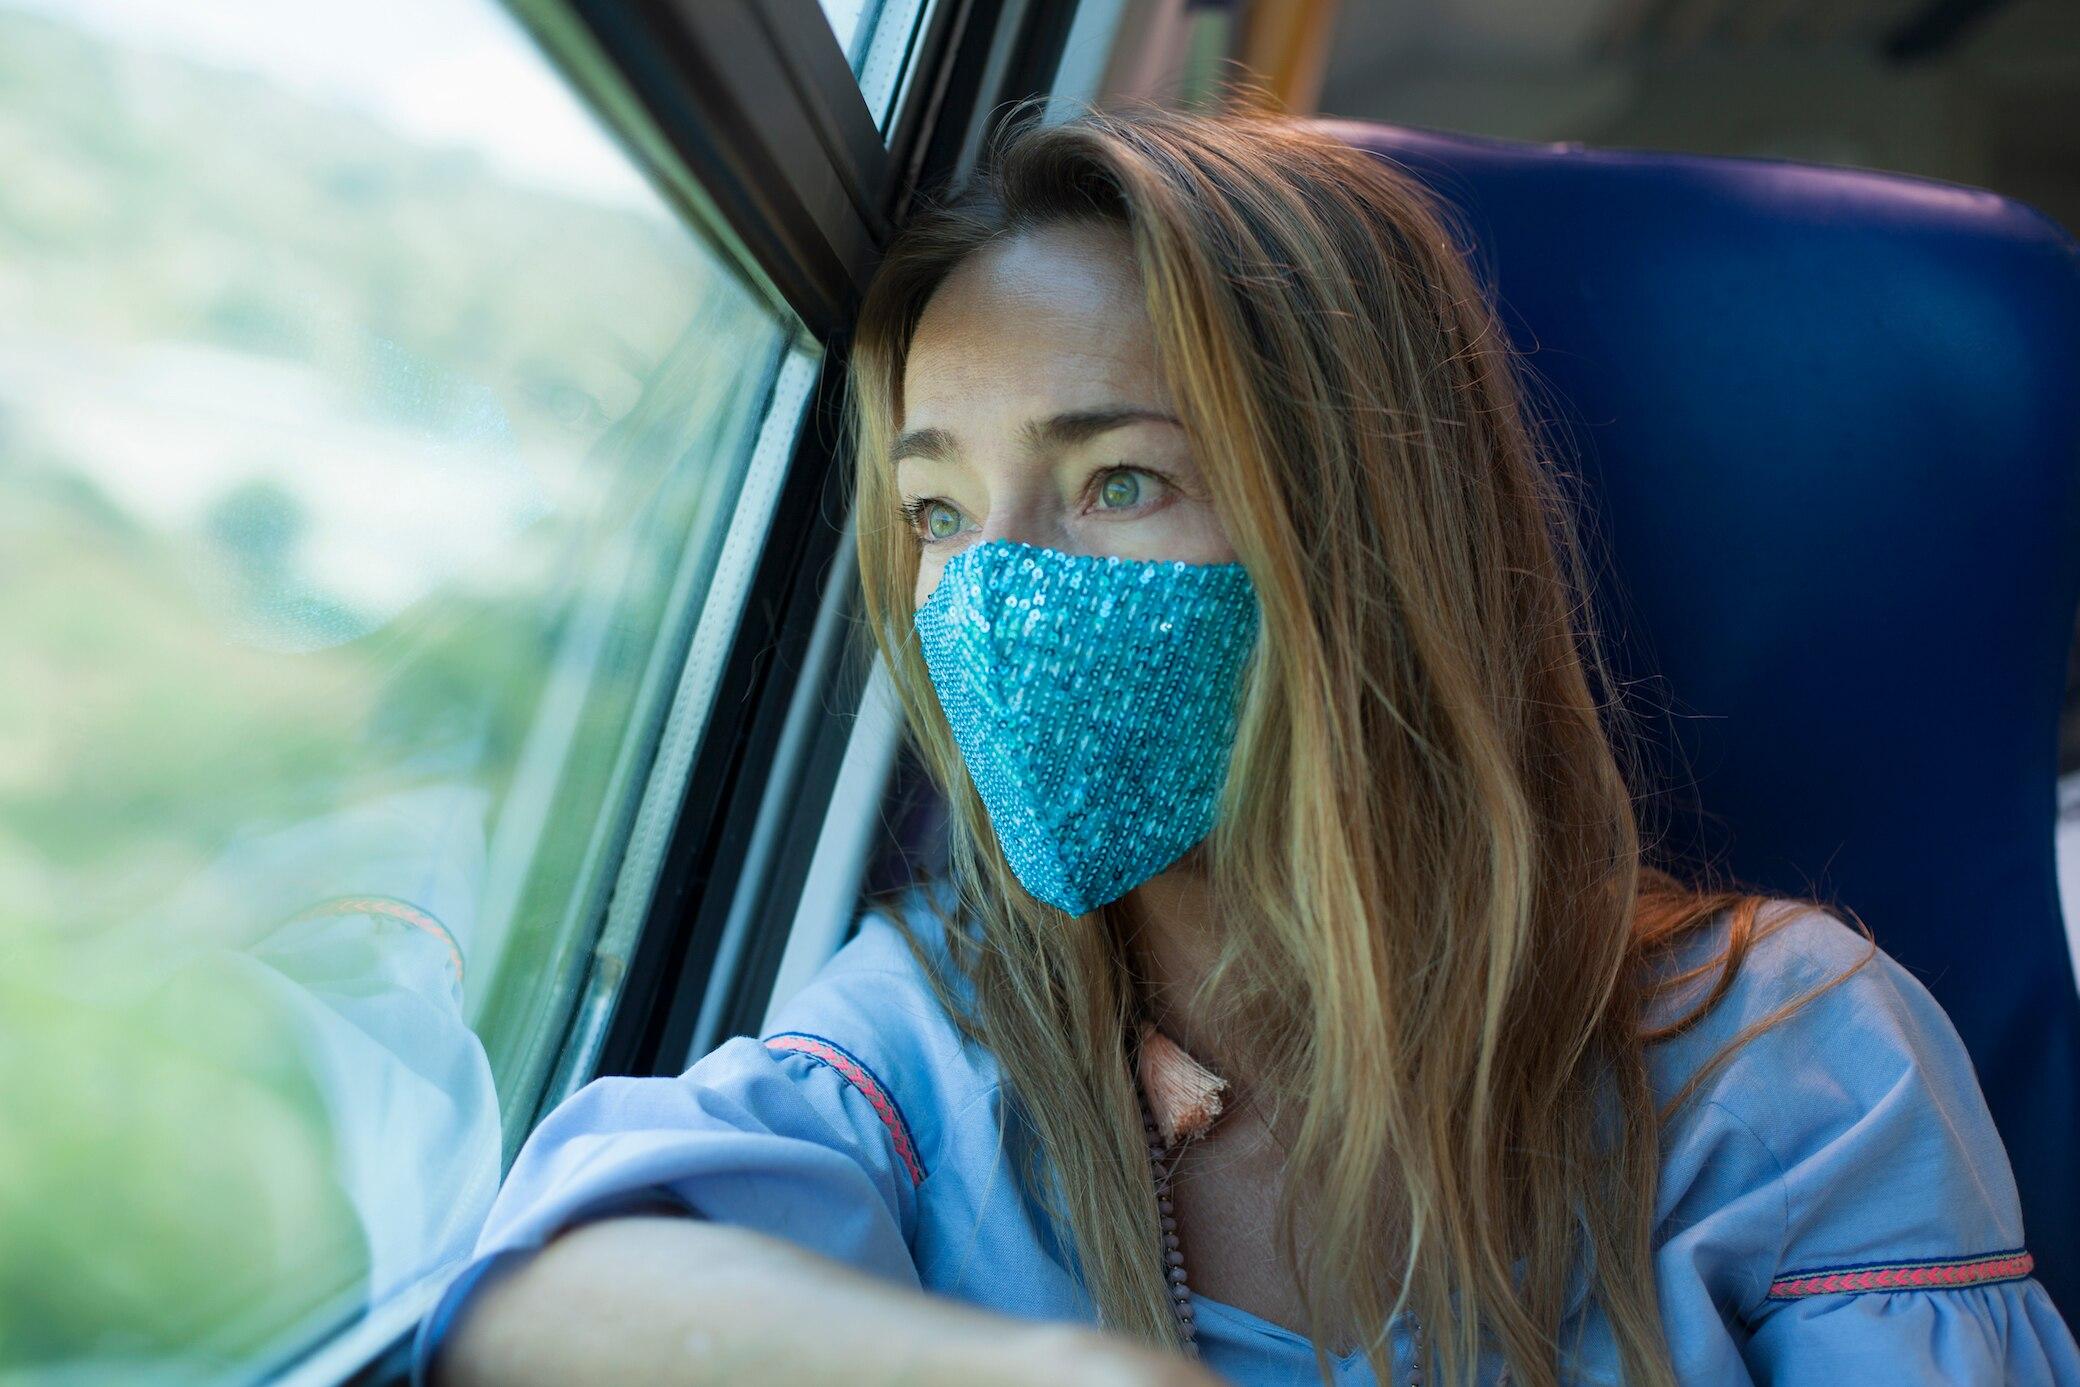 Corona-Schutz: Bahn prüft FFP2-Maskenpflicht in ihren Zügen